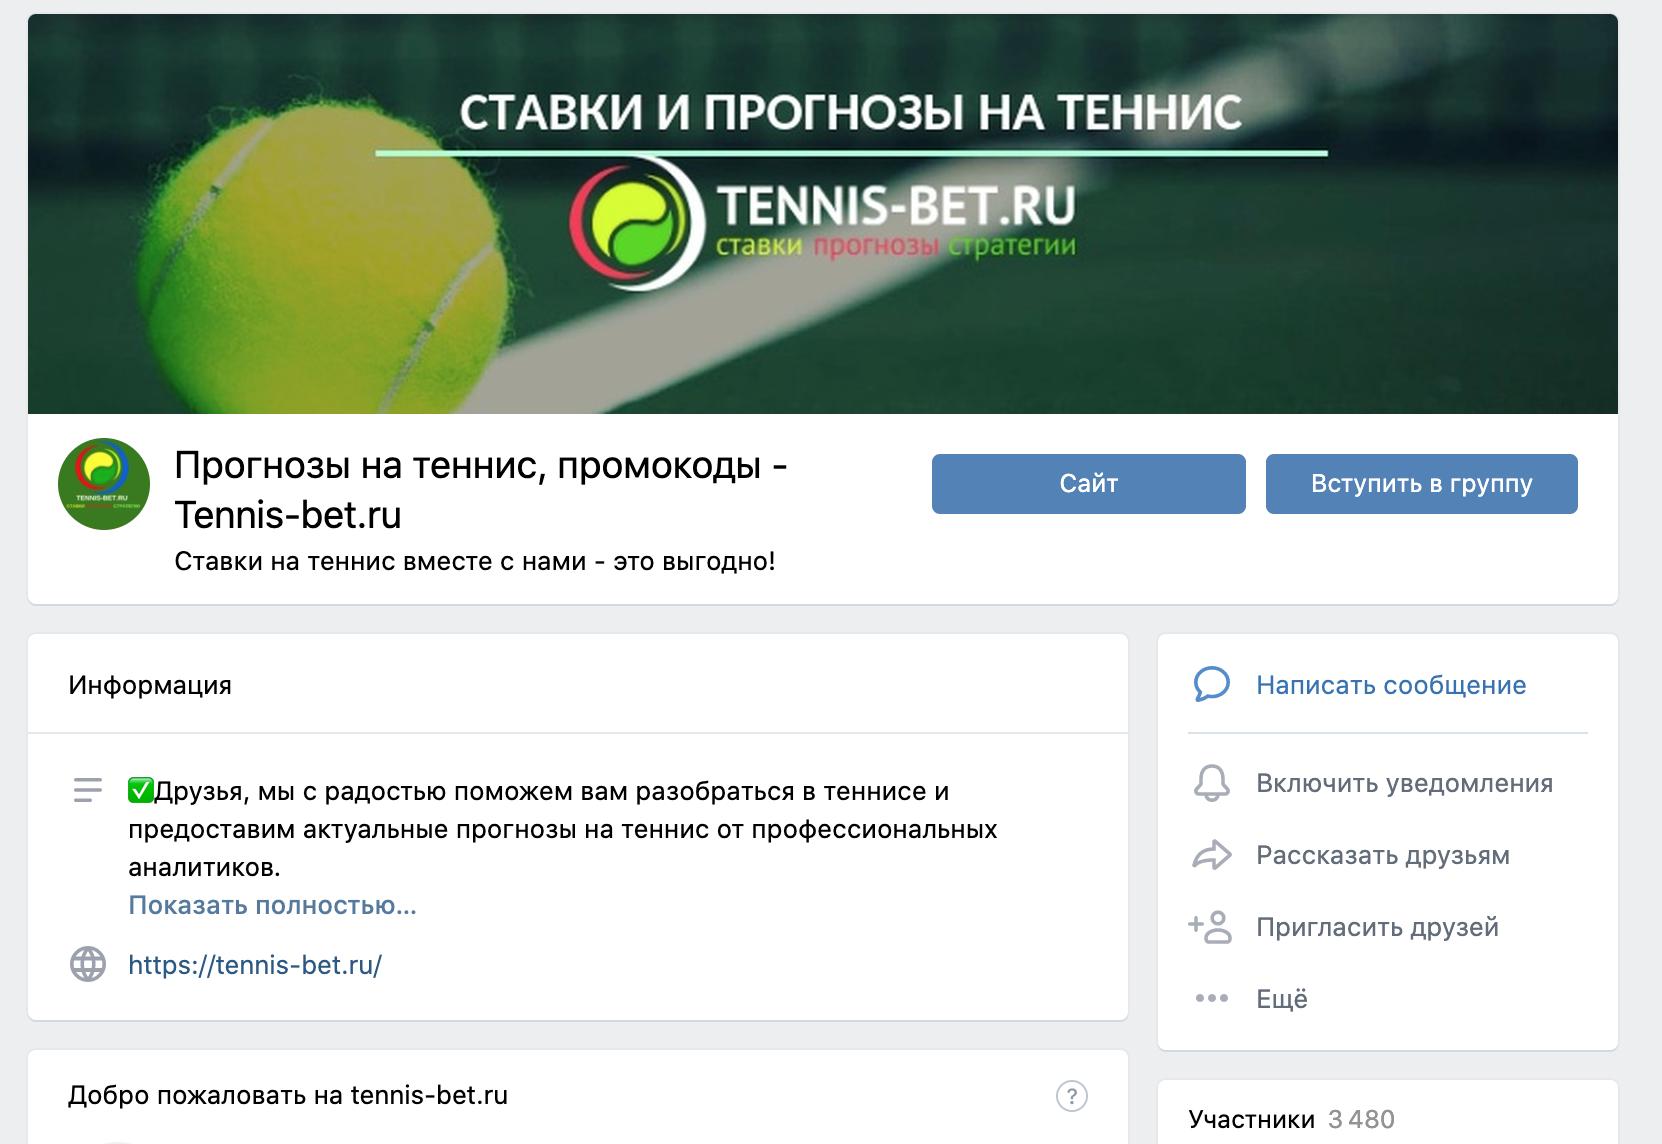 Группа вк Tennis-bet.ru